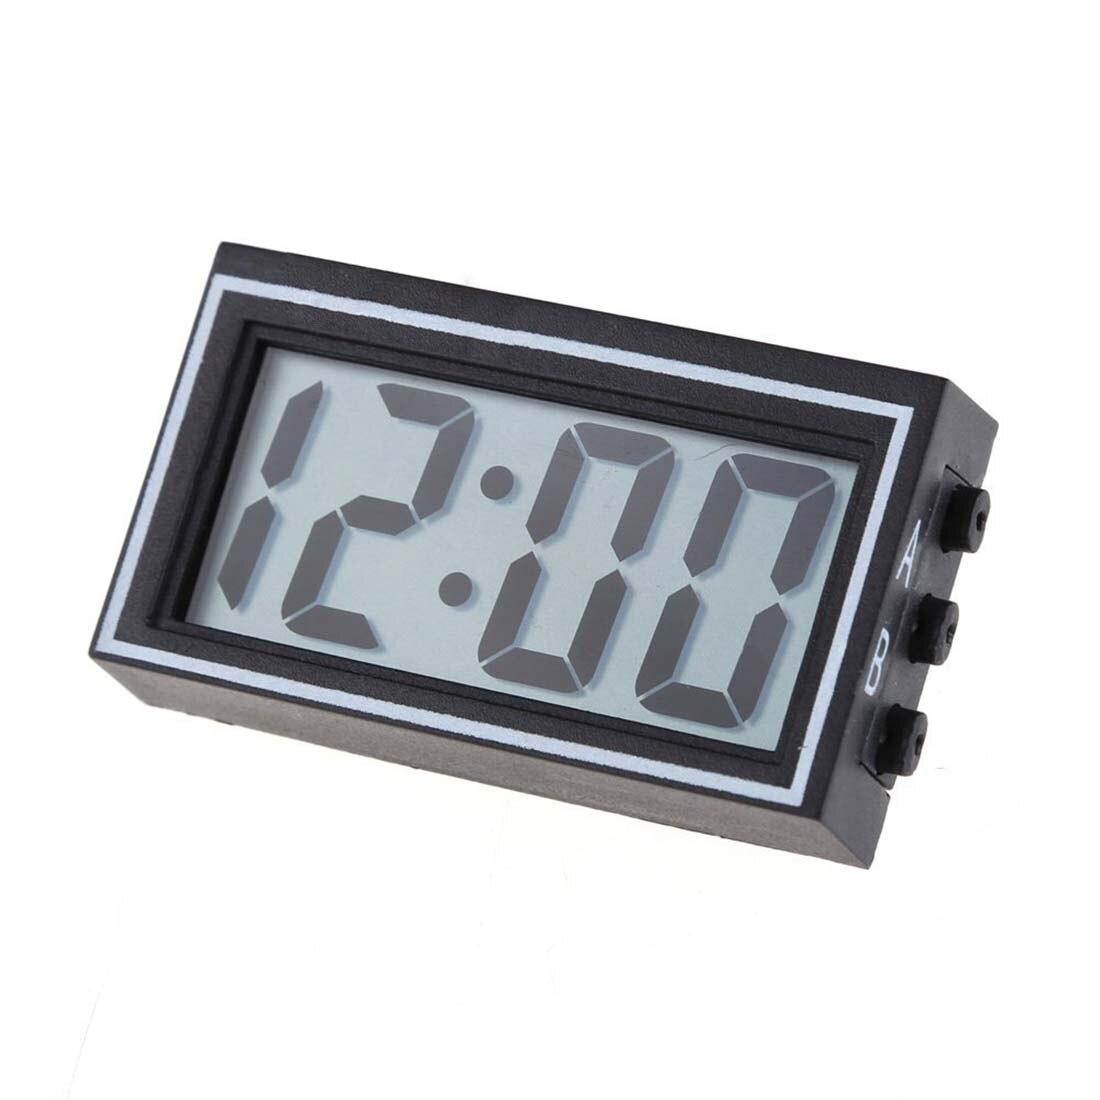 Mini Digital Calendar LCD Auto Car Truck Dashboard Date Time Calendar Clock Black